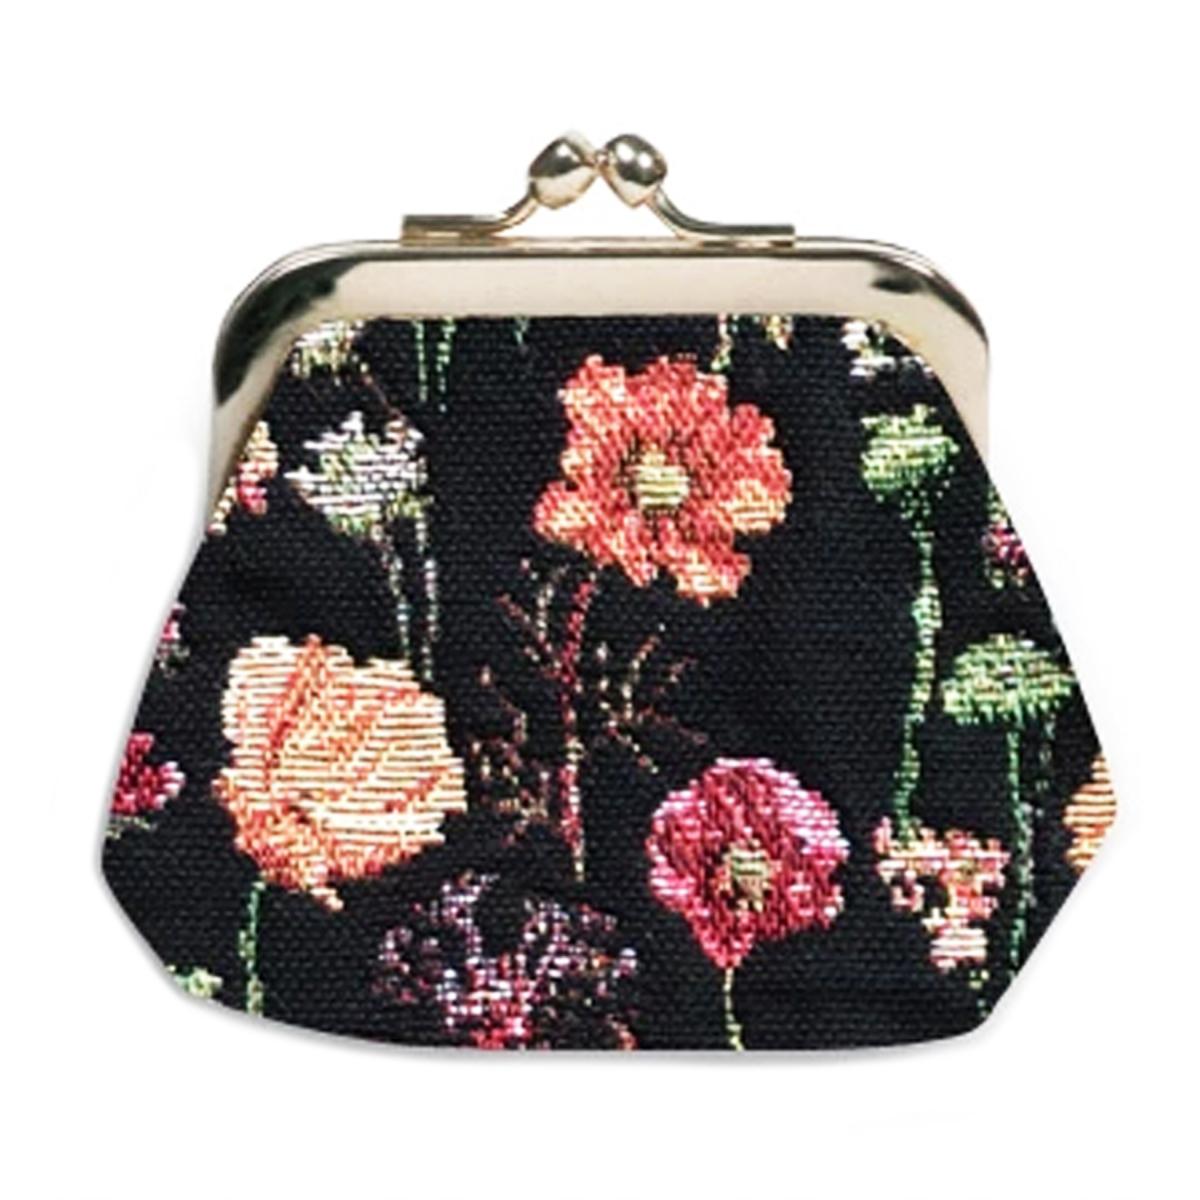 Porte-monnaie artisanal \'Royal Tapisserie\' noir multicolore (fleurs en hiver)  - 11x10x1 cm - [Q6379]